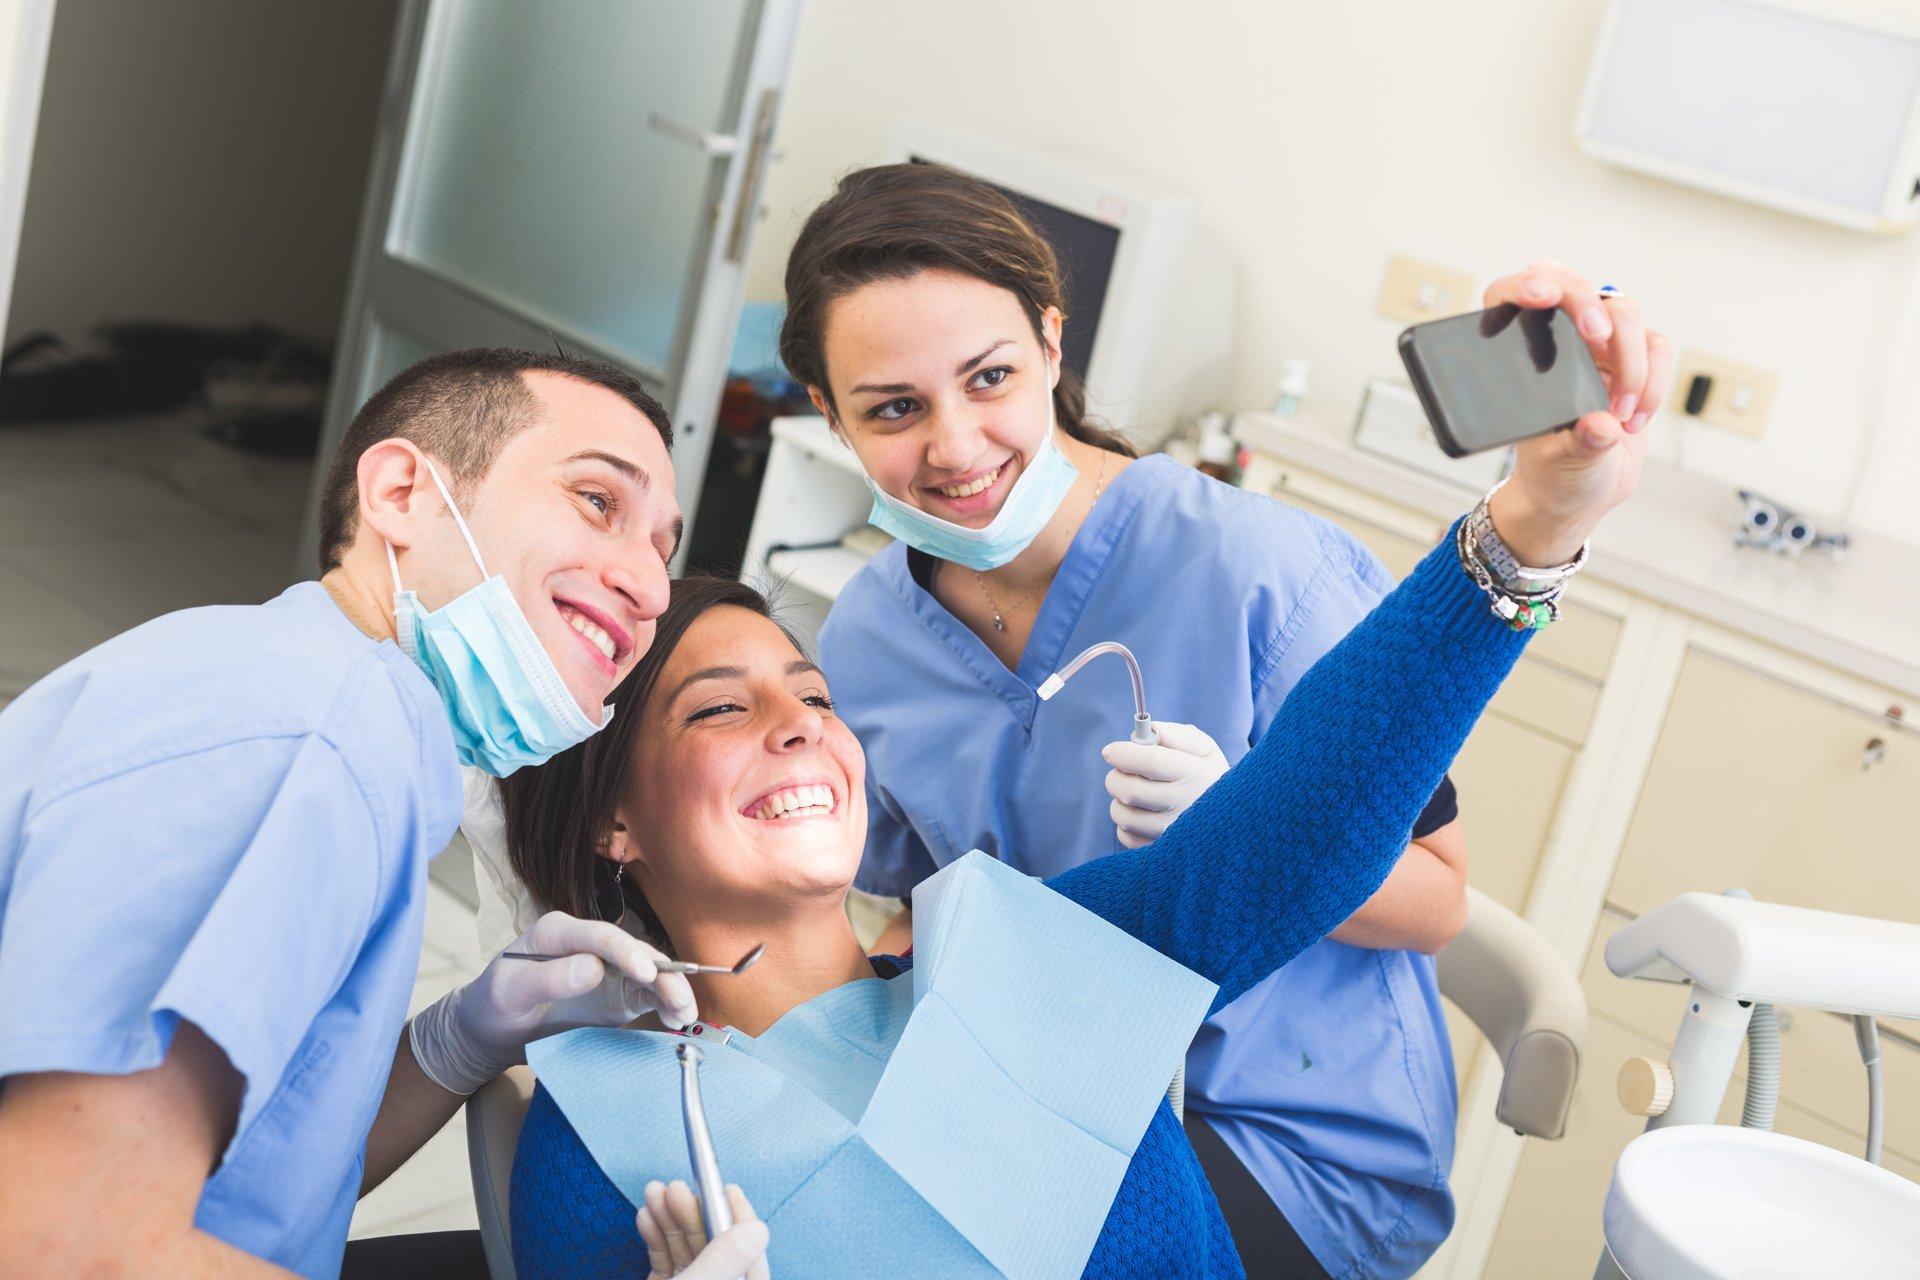 В чем преимущества платной стоматологии?